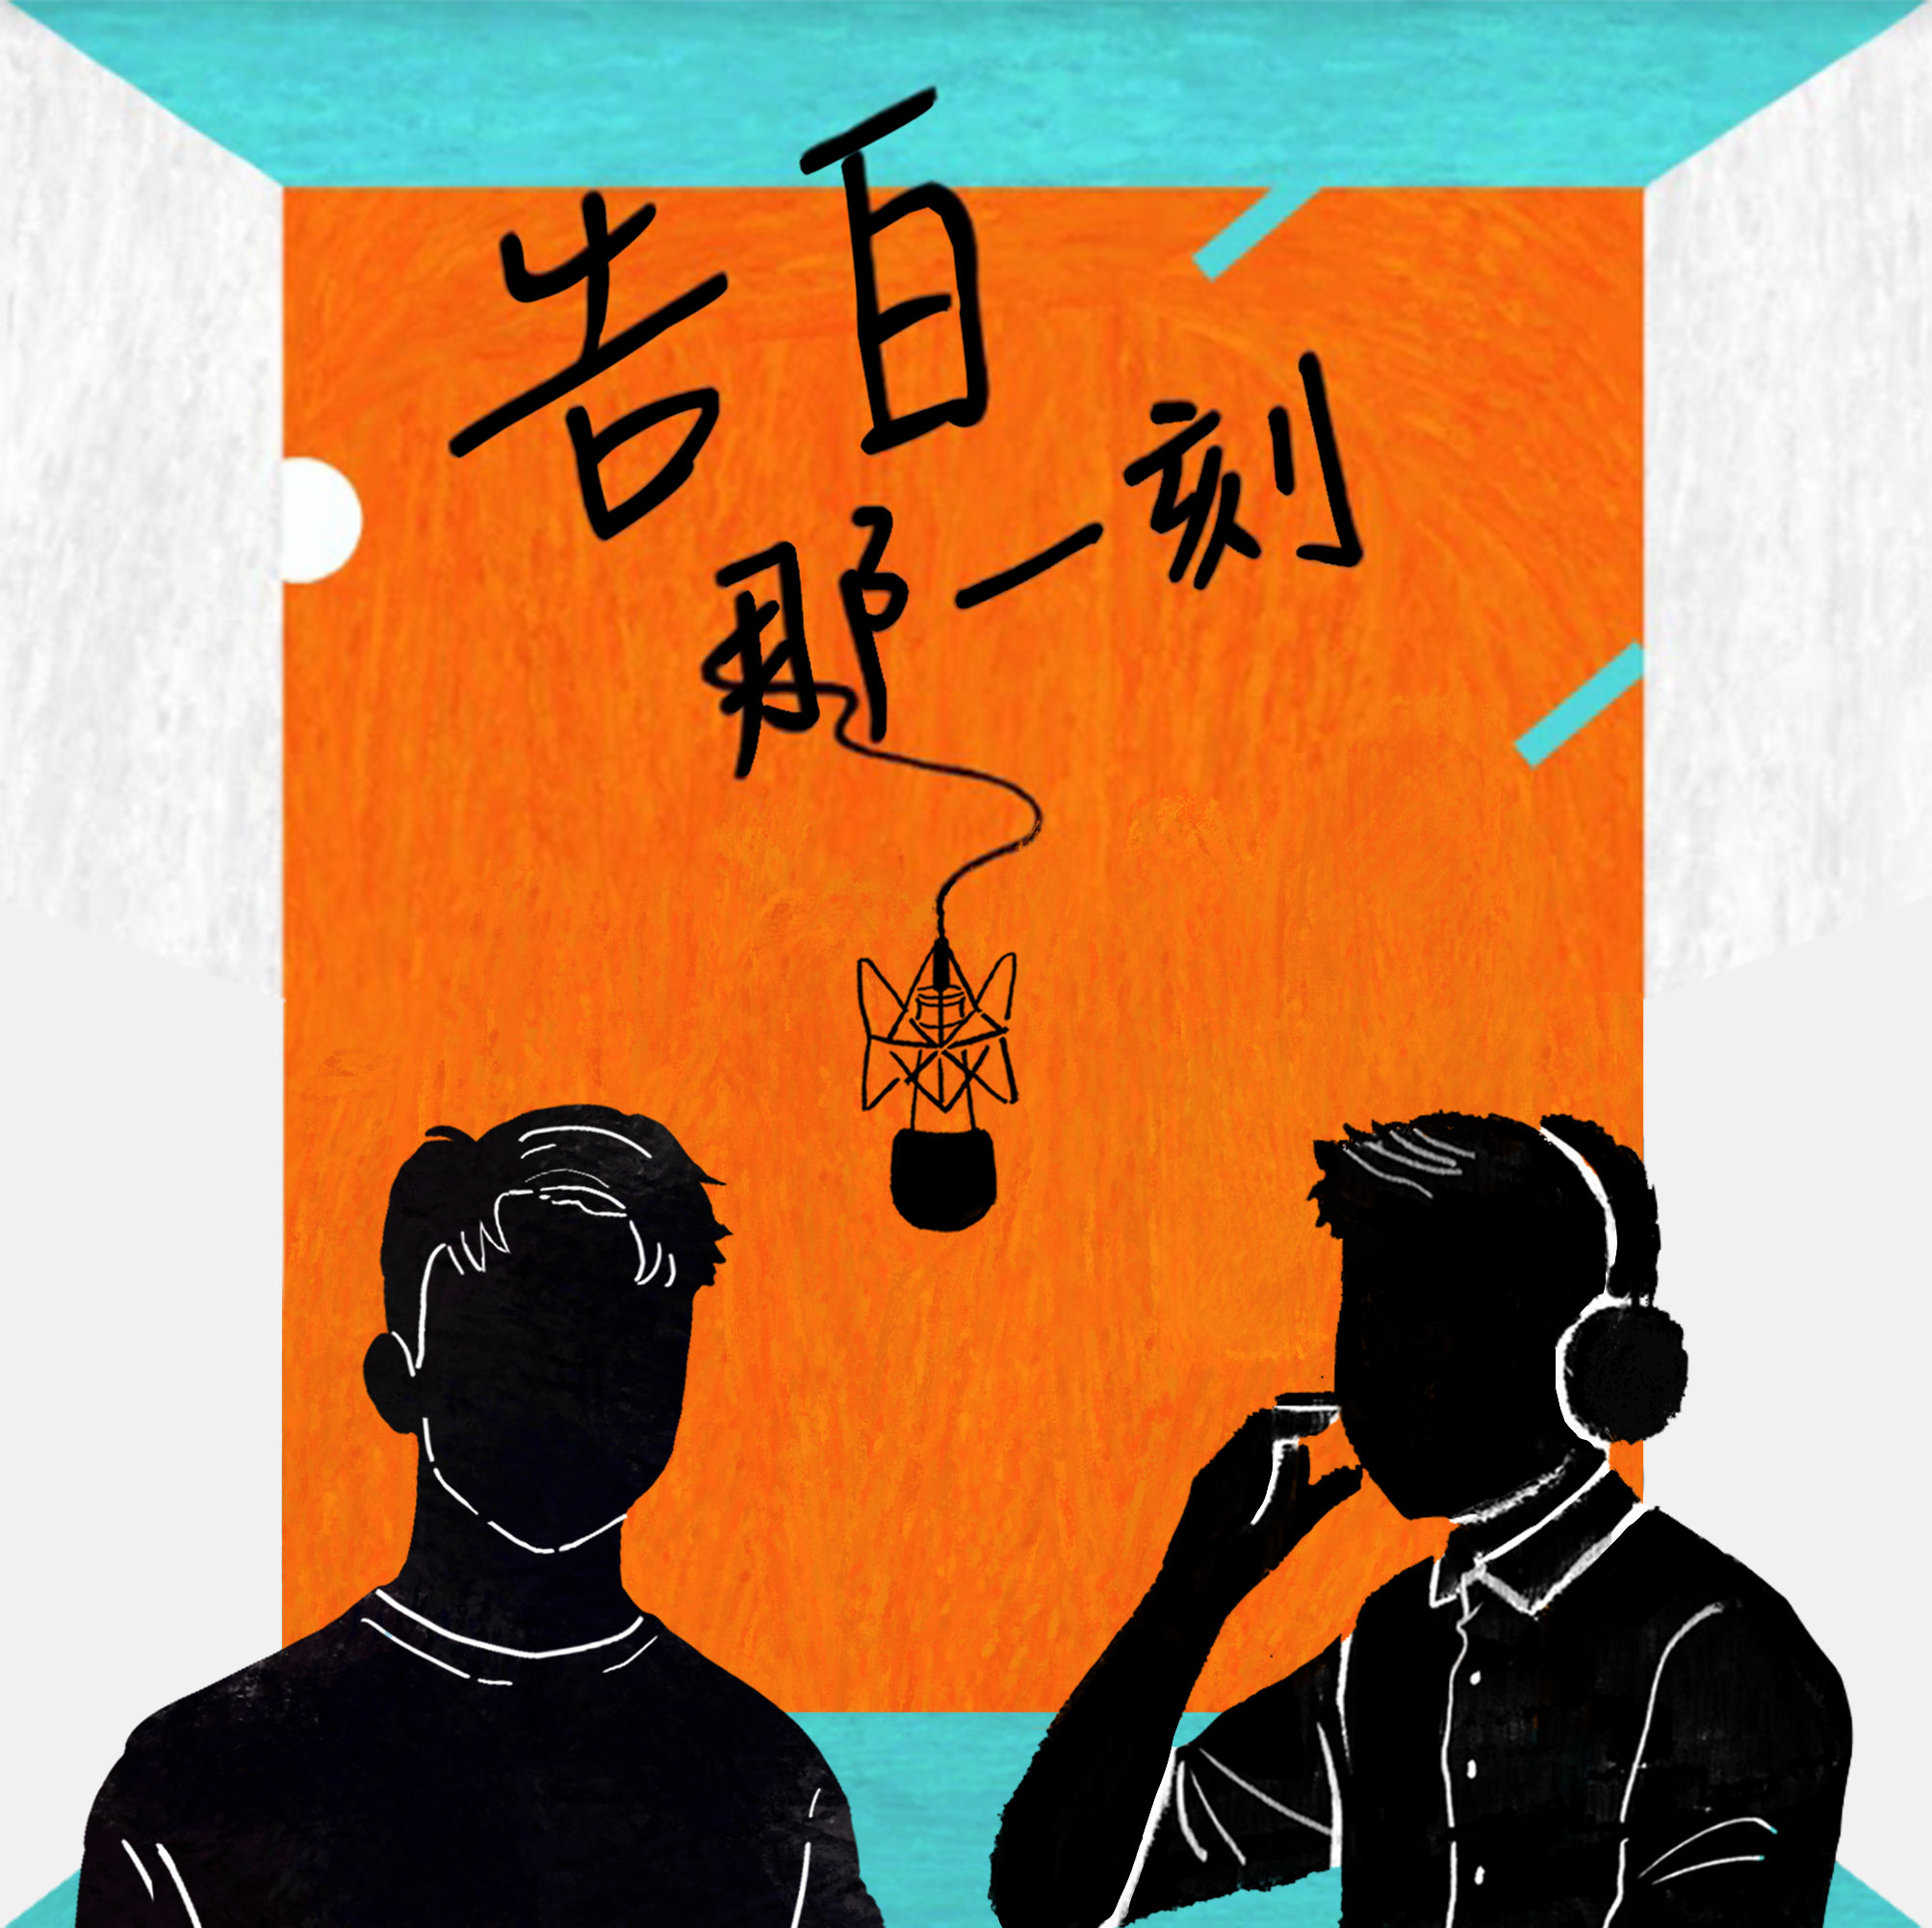 定義|劉昊Ponzii|不要怕,往前走,讓成長來回應那些提問(第19集)